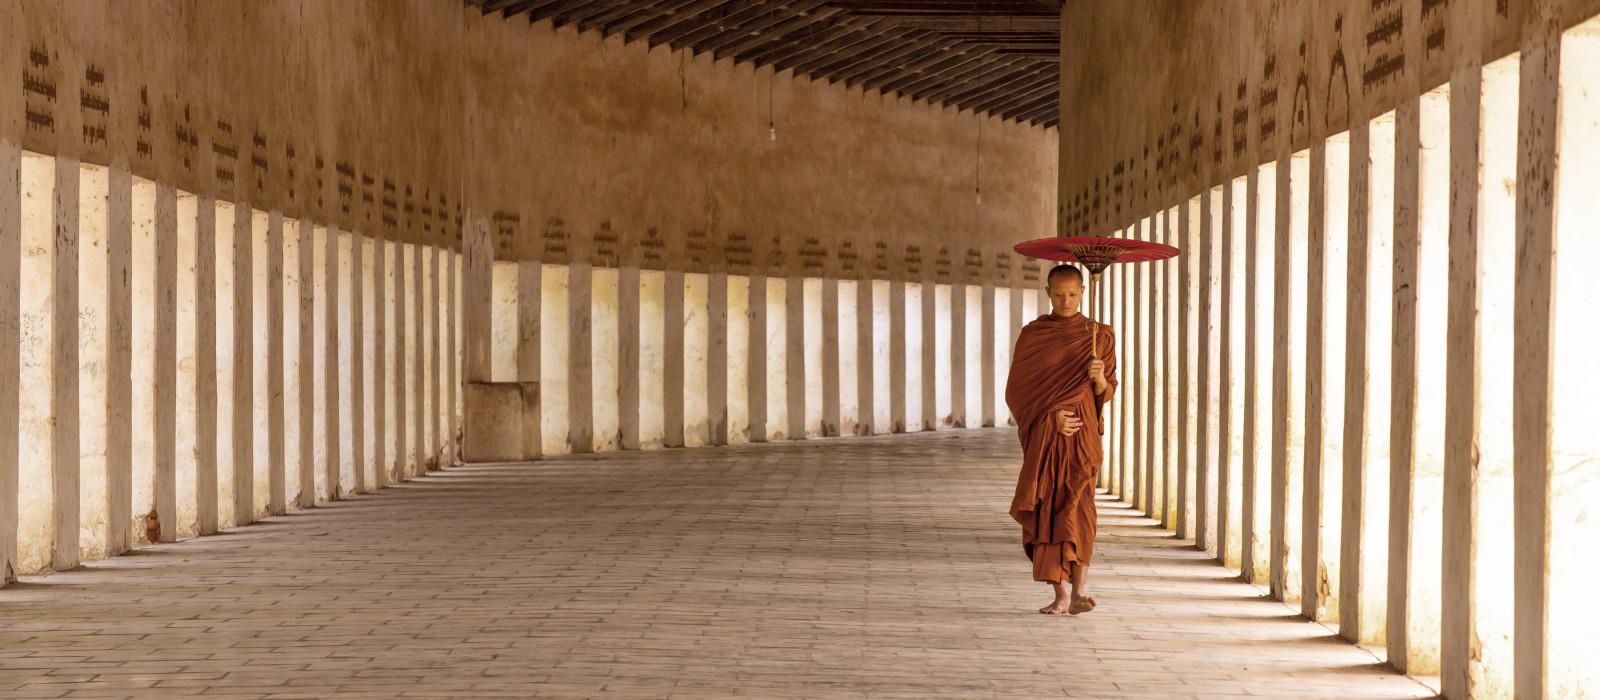 Mönche kommen, um den alten Buddha in der buddhistischen Pagode in Bagan, Myanmar, zu besuchen und zu respektieren, mit einem Regenschirm, der den Hintergrund des Sonnenlichts hält.